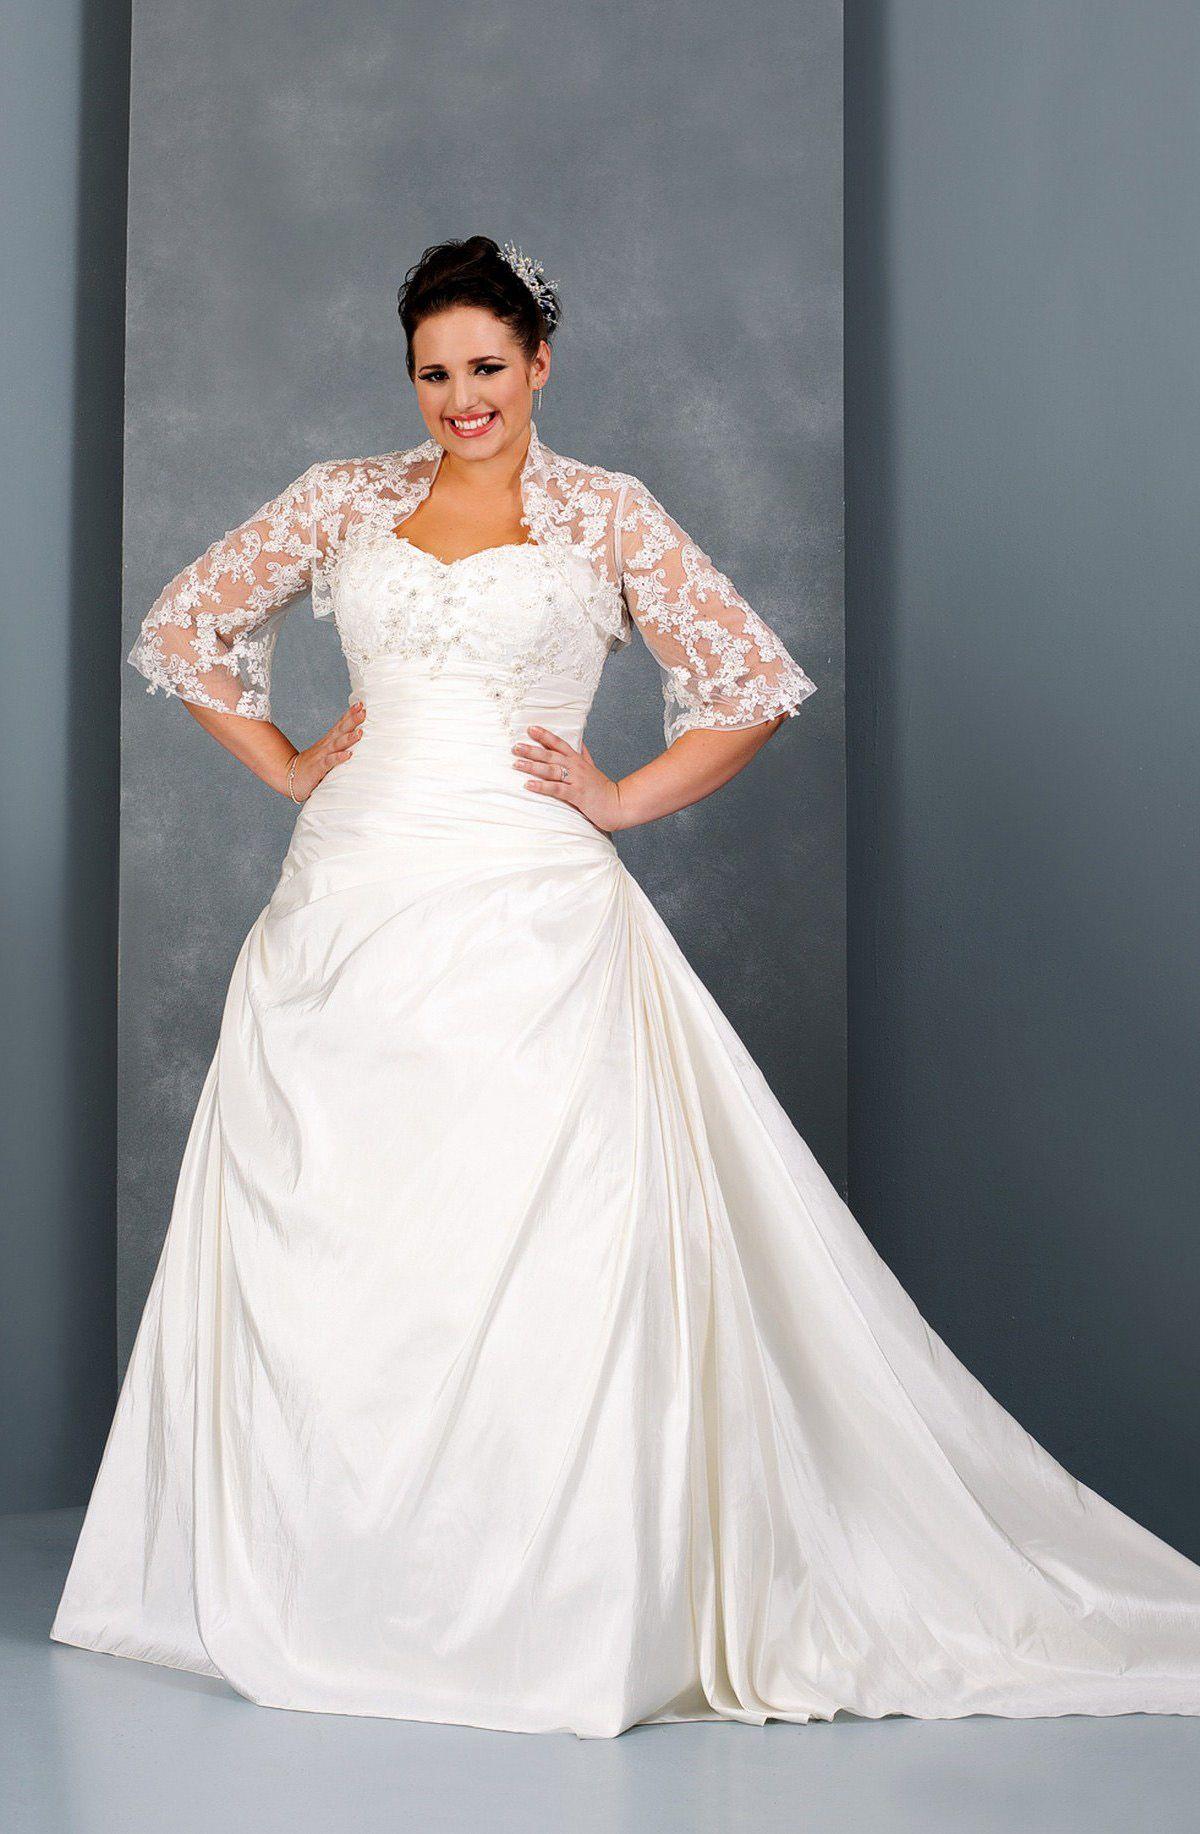 Plus Size Wedding Dress with Lace Shrug Jacket   Most plus size ...